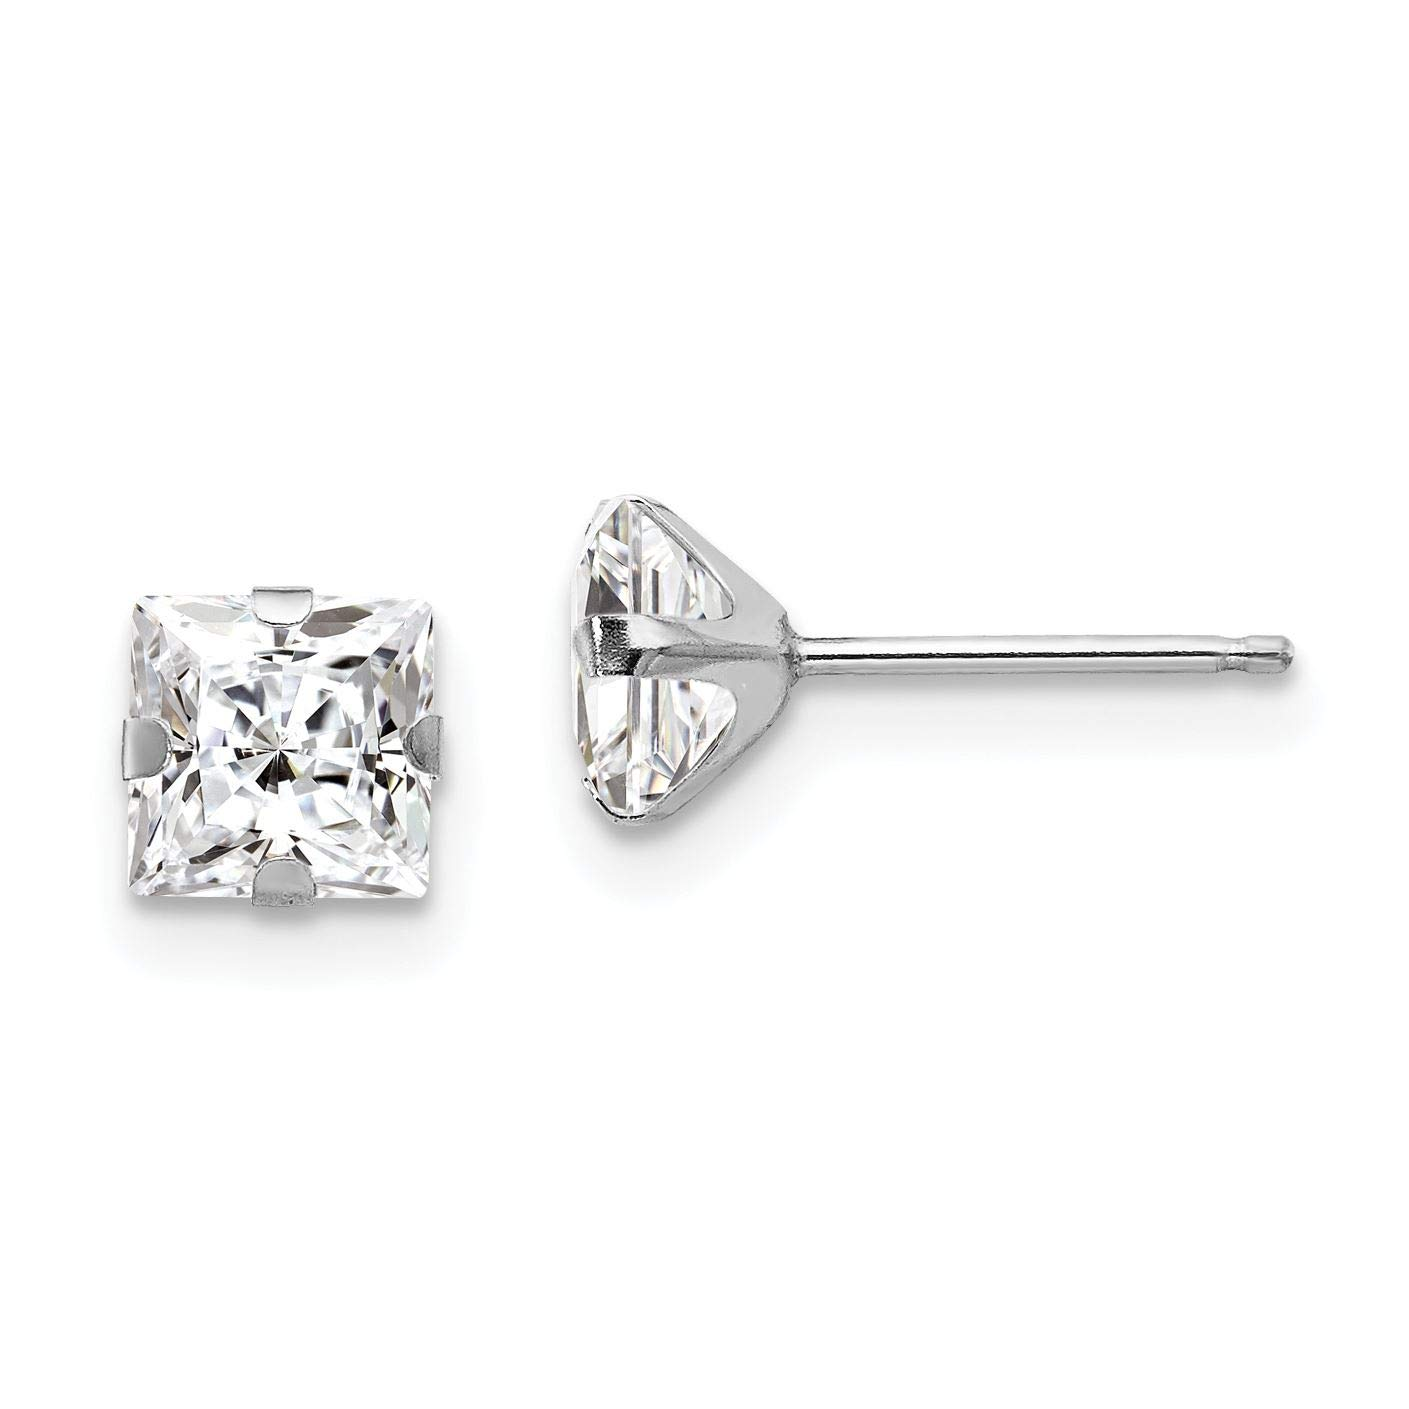 14K White Gold Madi K Childrens 5 MM Square CZ Post Stud Earrings